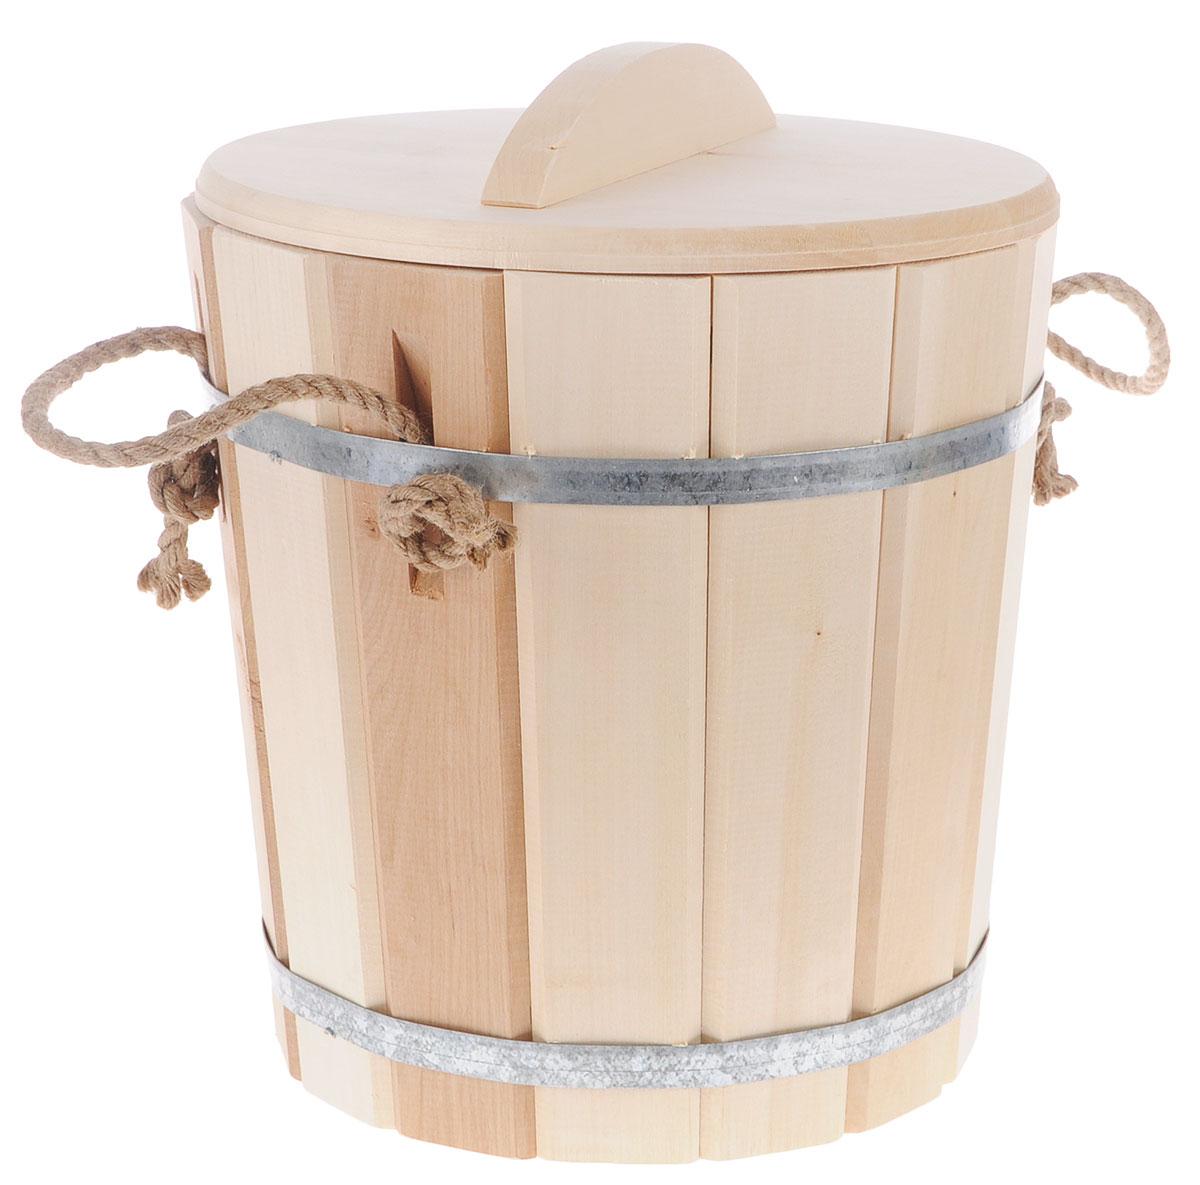 Ведро Банные штучки, с пластиковой вставкой , с крышкой, 10 л03710Деревянное ведро Банные штучки является одной из тех приятных мелочей, без которых не обойтись при принятии банных процедур. Внутренняя поверхность имеет пластиковую вставку. Для удобства использования ведро оснащено деревянной крышкой и ручкой из веревки.Ведро прекрасно подойдет для обливания, замачивания веника или других банных процедур.Интересная штука - баня. Место, где одинаково хорошо и в компании, и в одиночестве. Перекресток, казалось бы, разных направлений - общение и здоровье. Приятное и полезное. И всегда в позитиве. Характеристики:Материал: дерево (липа), металл, пластик. Объем: 10 л. Диаметр основания ведра: 24 см. Диаметр ведра по верхнему краю: 27,5 см. Высота стенок ведра: 29 см. Размер упаковки: 32 см х 32 см х 37 см. Артикул: 03710.